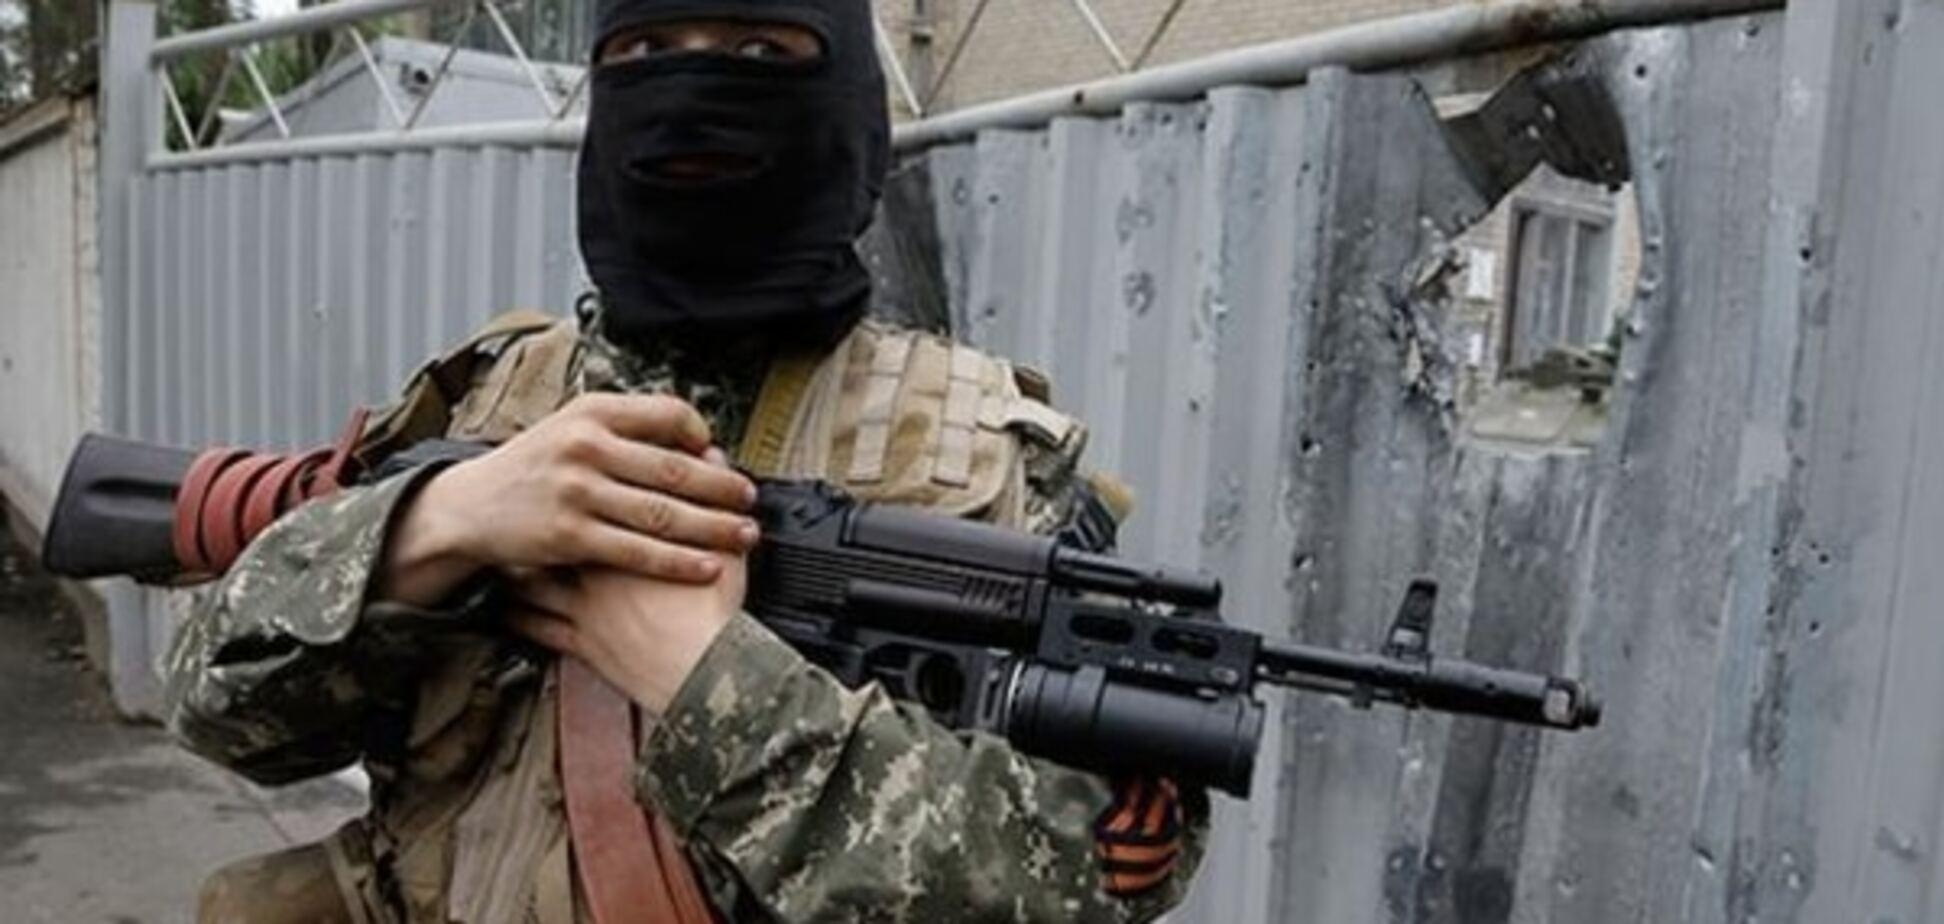 Диверсанти проникають на українські позиції під прикриттям стрілецької зброї